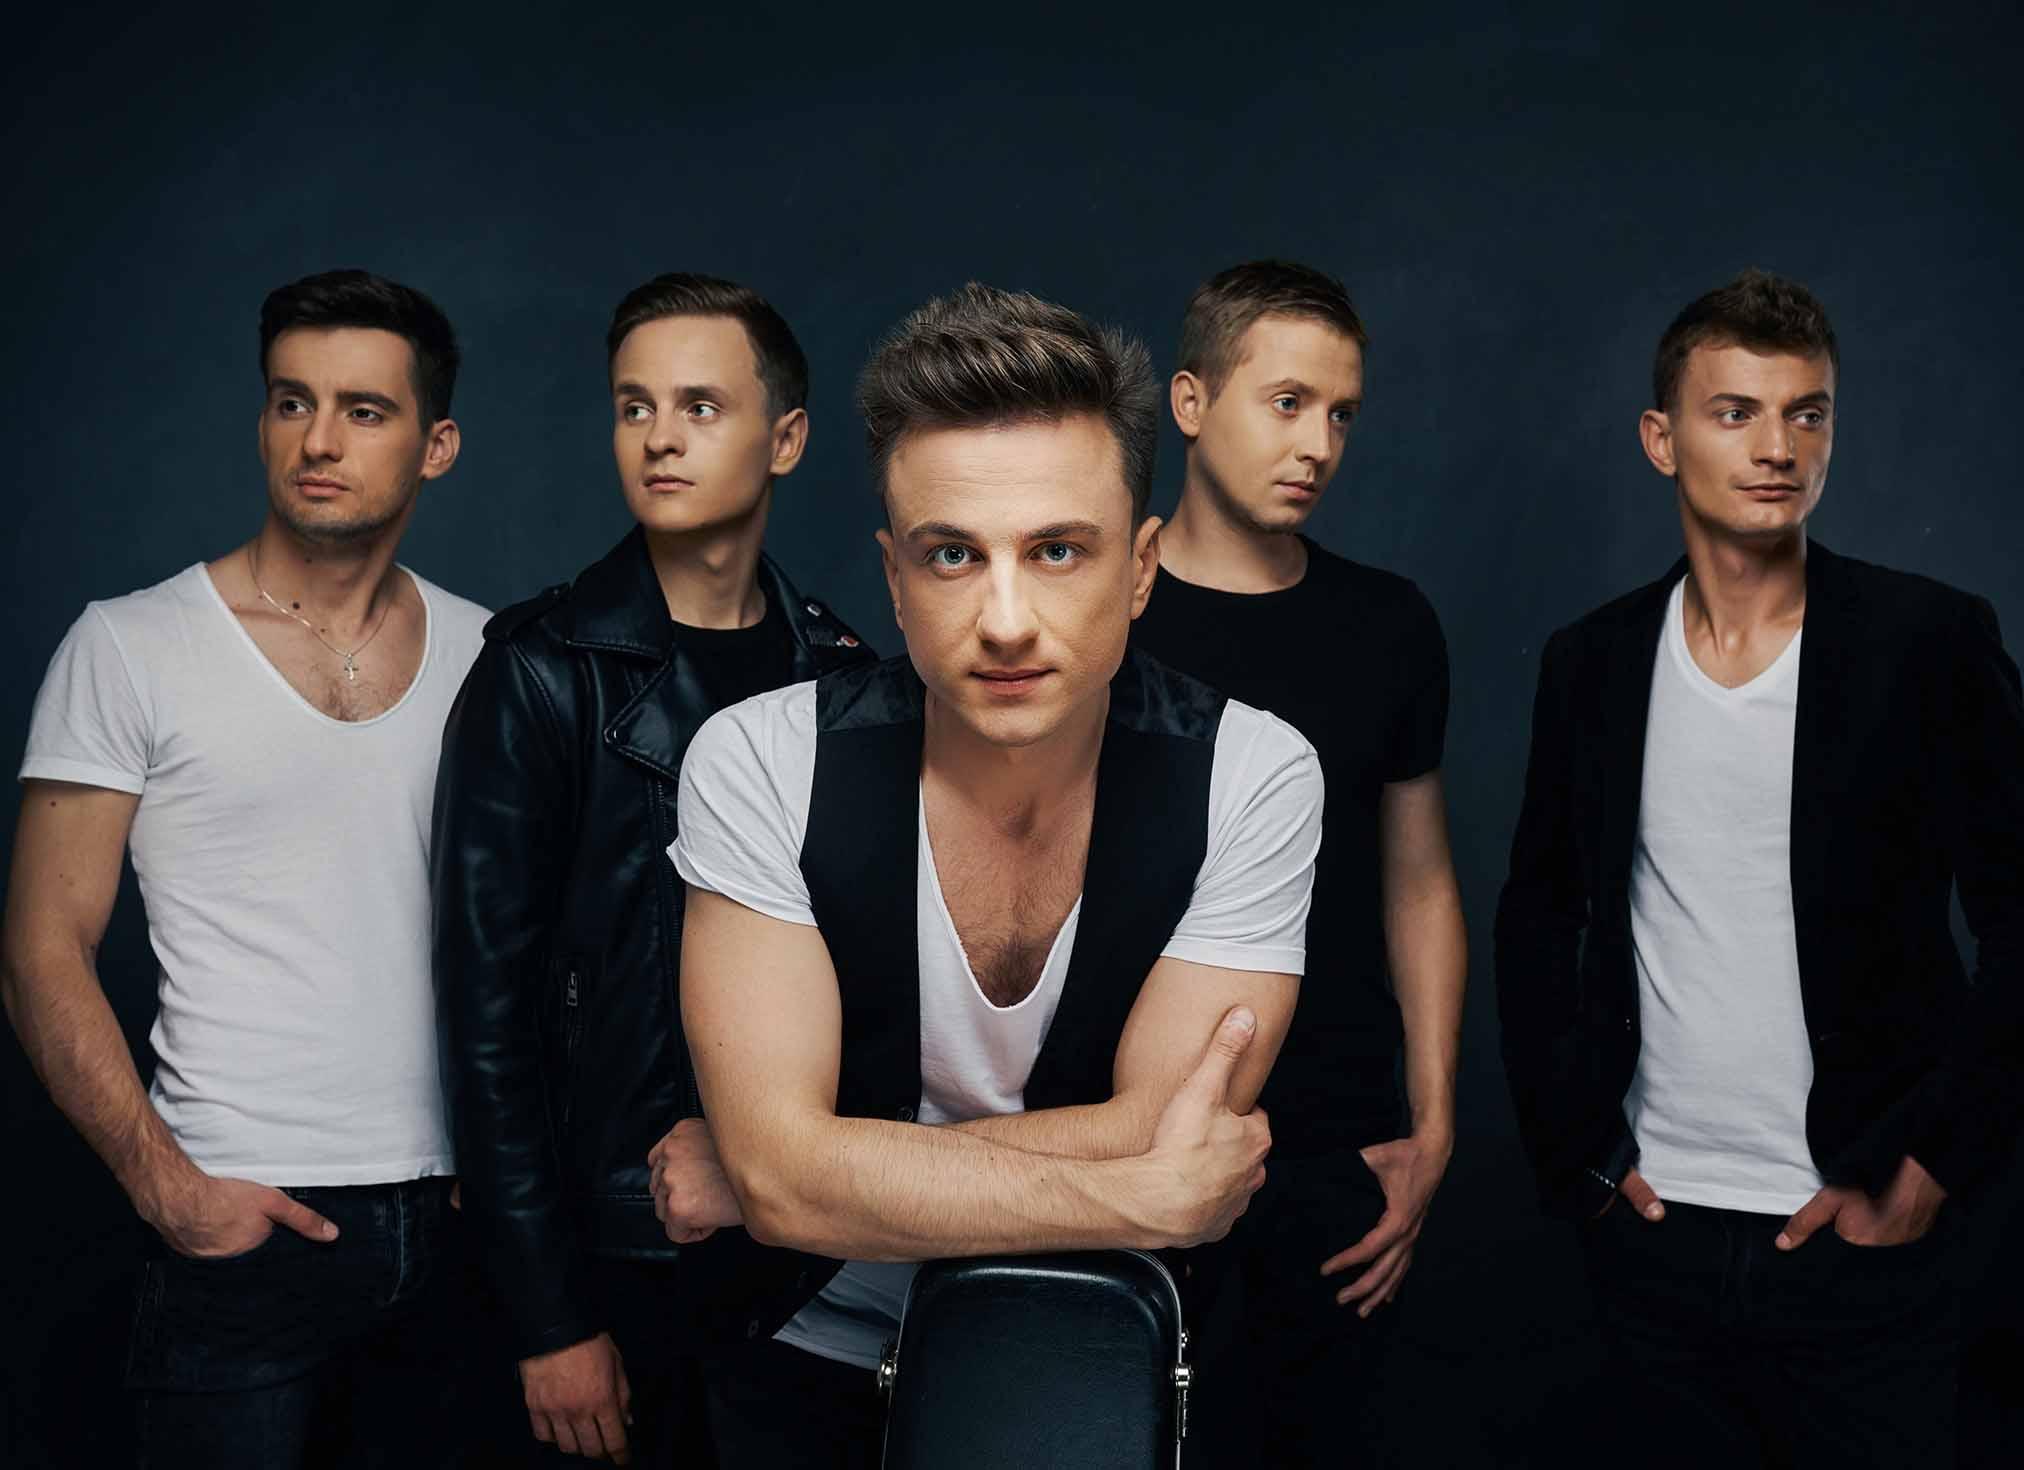 ATI_3913 Український рок-гурт винайшов «еліксир молодості» — UA MUSIC | Енциклопедія української музики